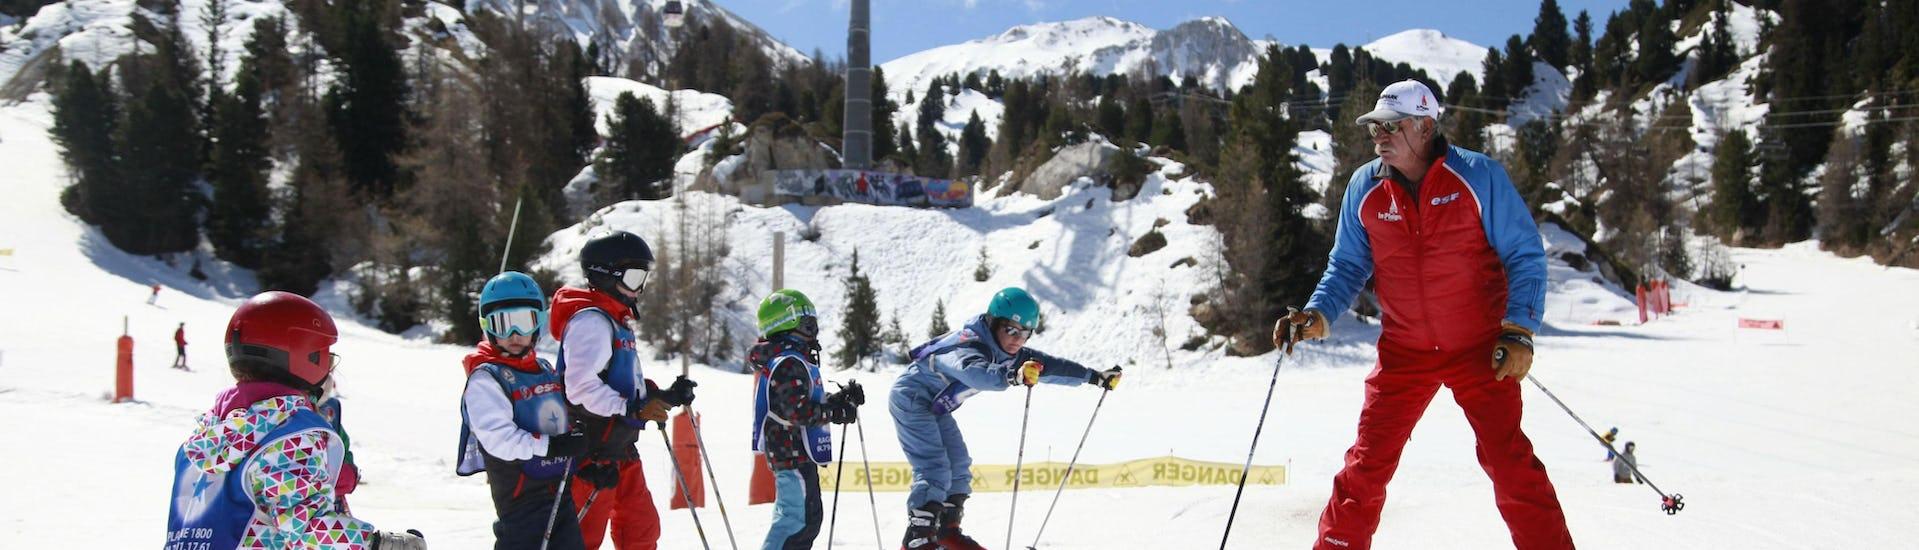 Cours de Ski Enfants (5 à 12 ans) - Basse-saison